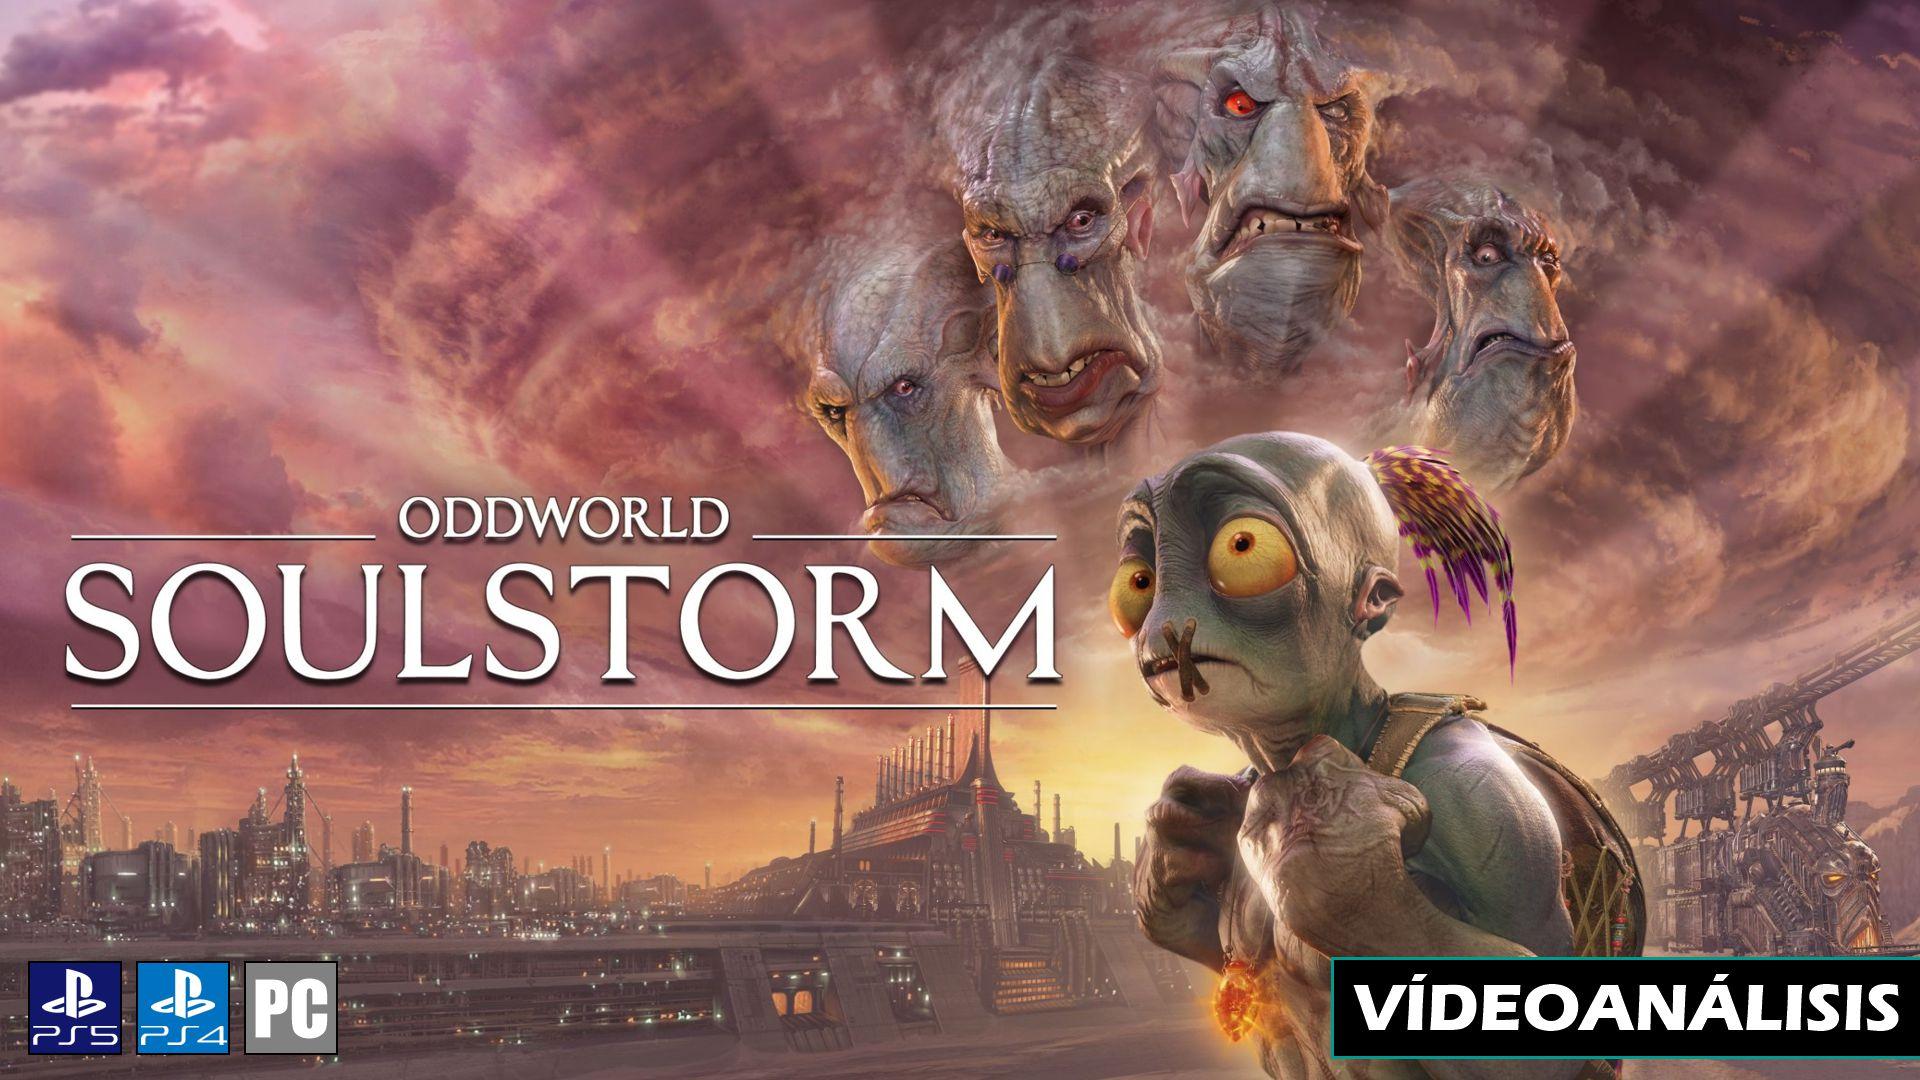 Vídeo análisis de Oddworld: Soulstorm